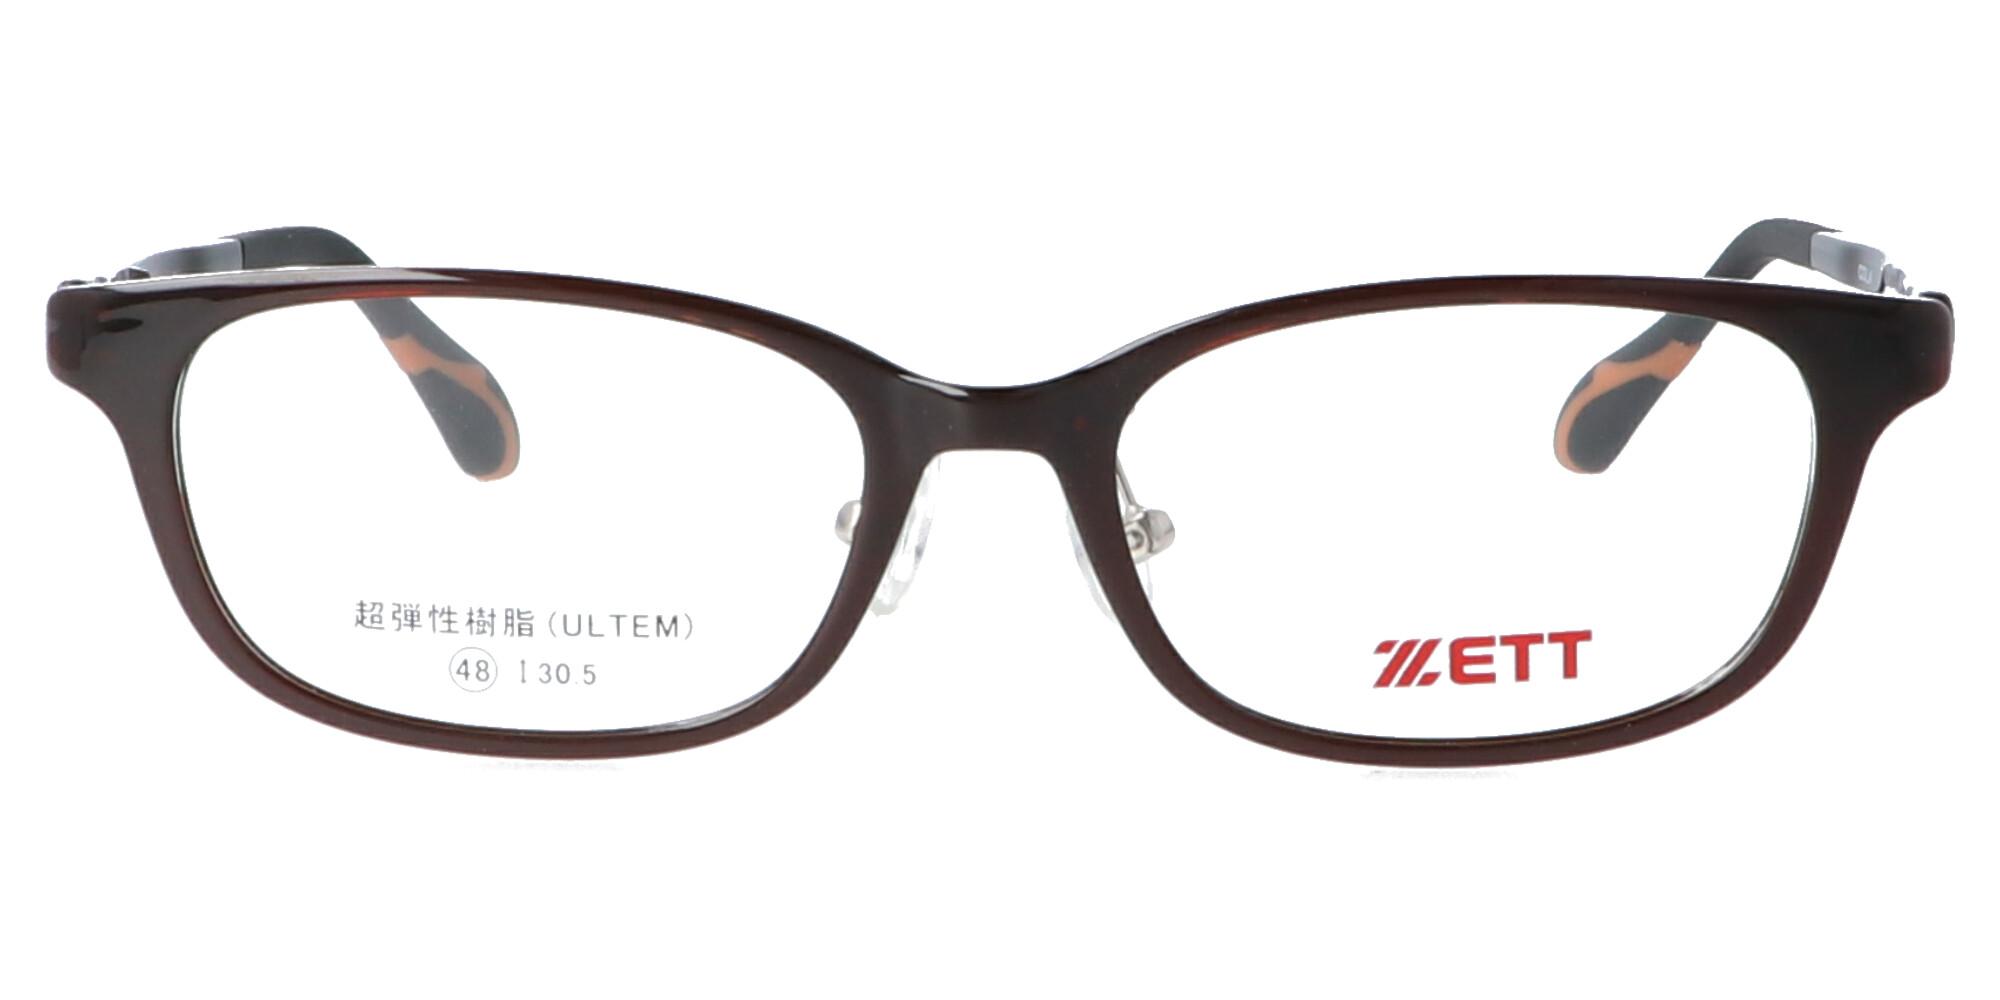 ZETT ZT-208_48_BR (OR)